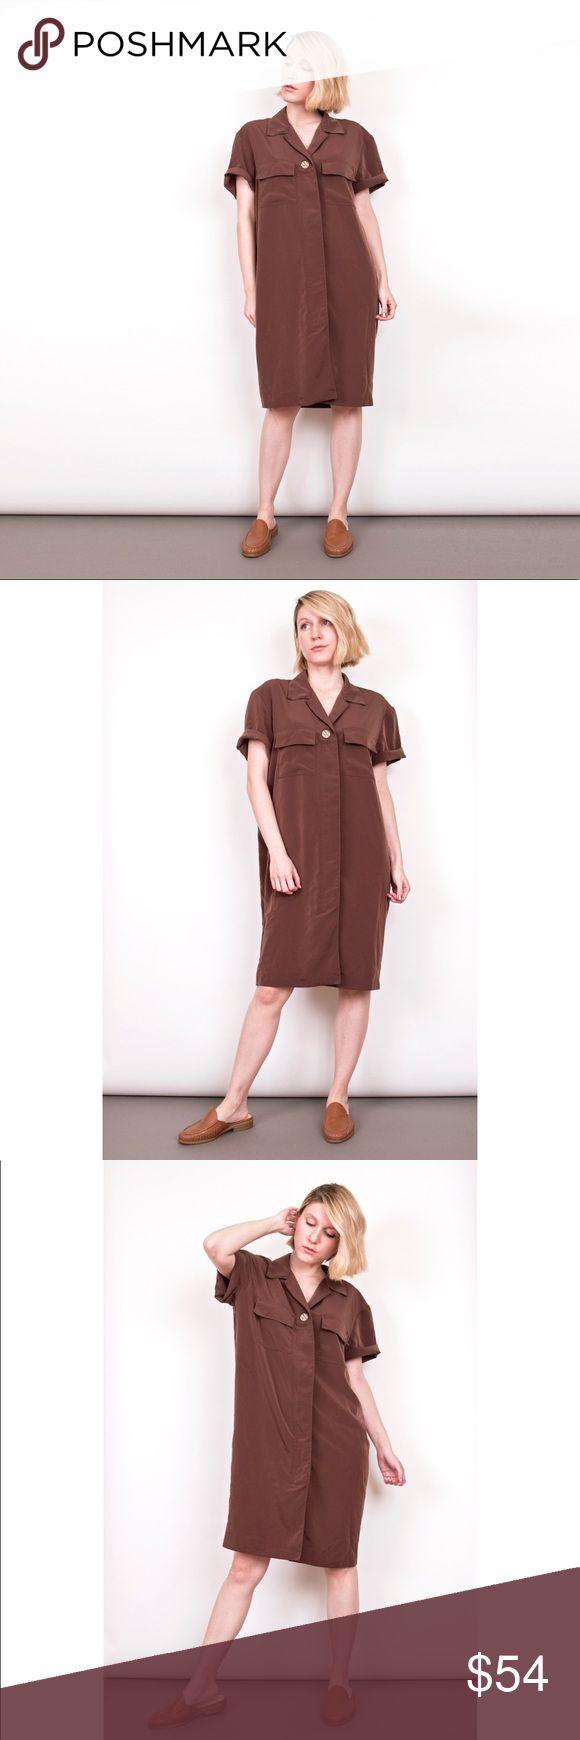 Vintage 90s brown minimalist sack dress - Vintage circa 1990s brown minimalist sack dress. Hidden button front closure. 100% polyester. Best fits modern S/M/L depending on desired fit.  Model stands 5'4 for reference  Shoulder-19 Sleeve-9 Bust-40 Waist-44 Length-37 Vintage Dresses Midi